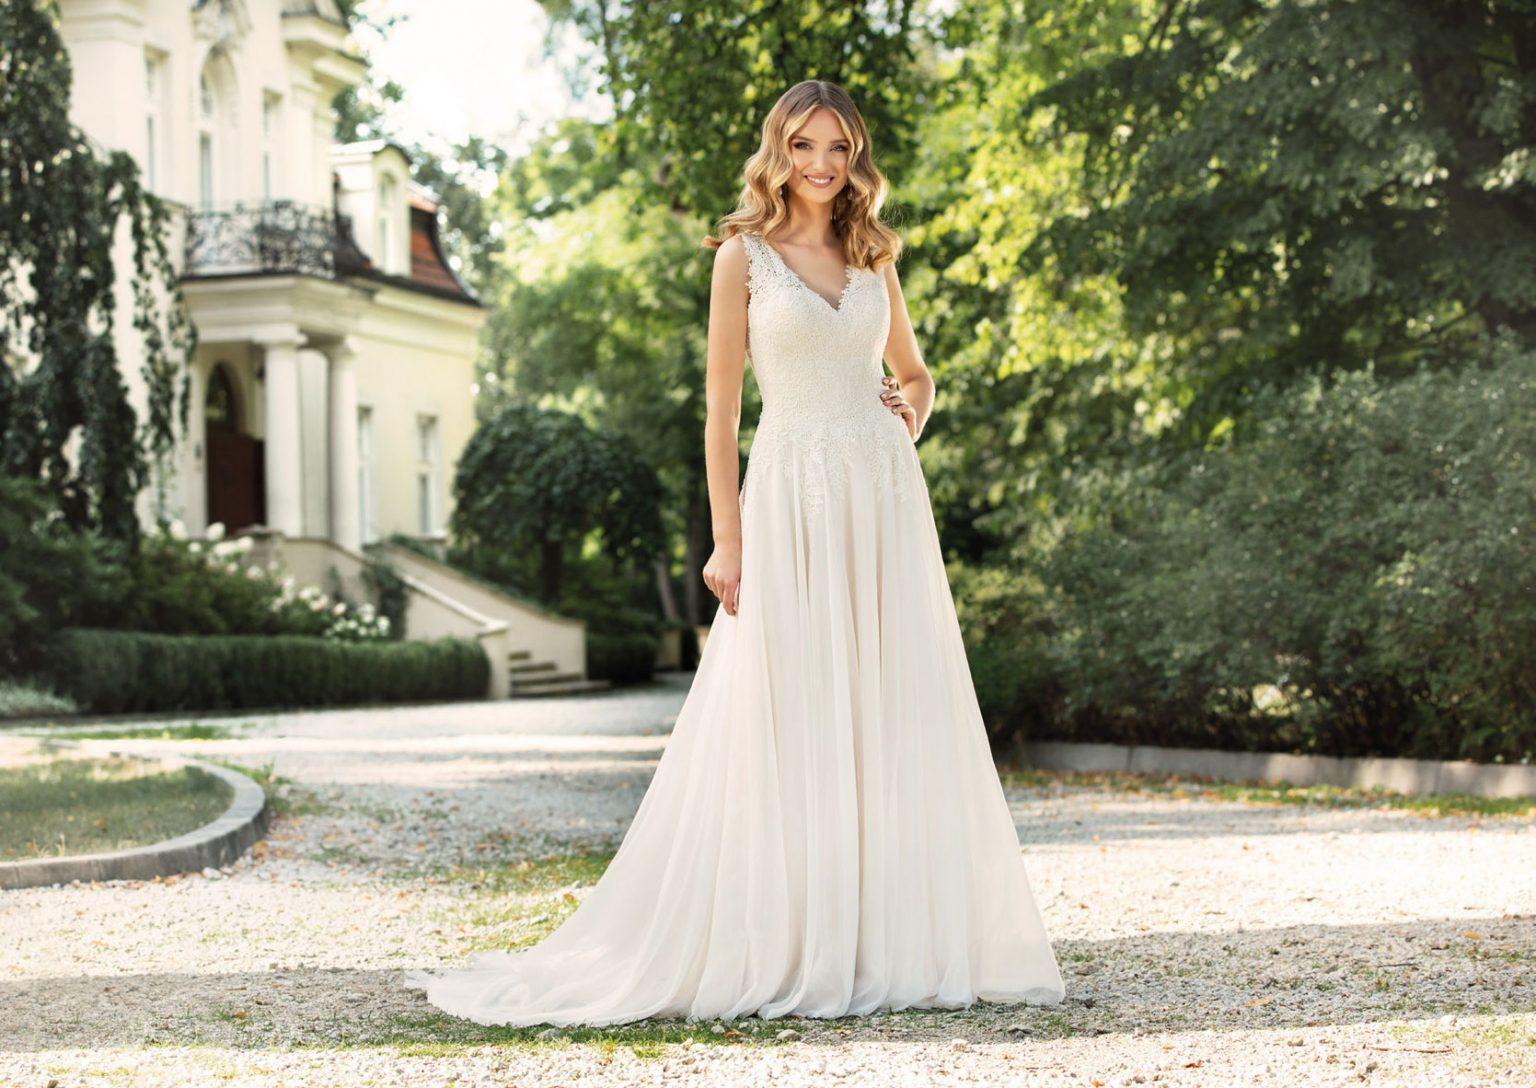 Brautmode  Brautkleider für Siegburg - Boho oder schlichte Eleganz